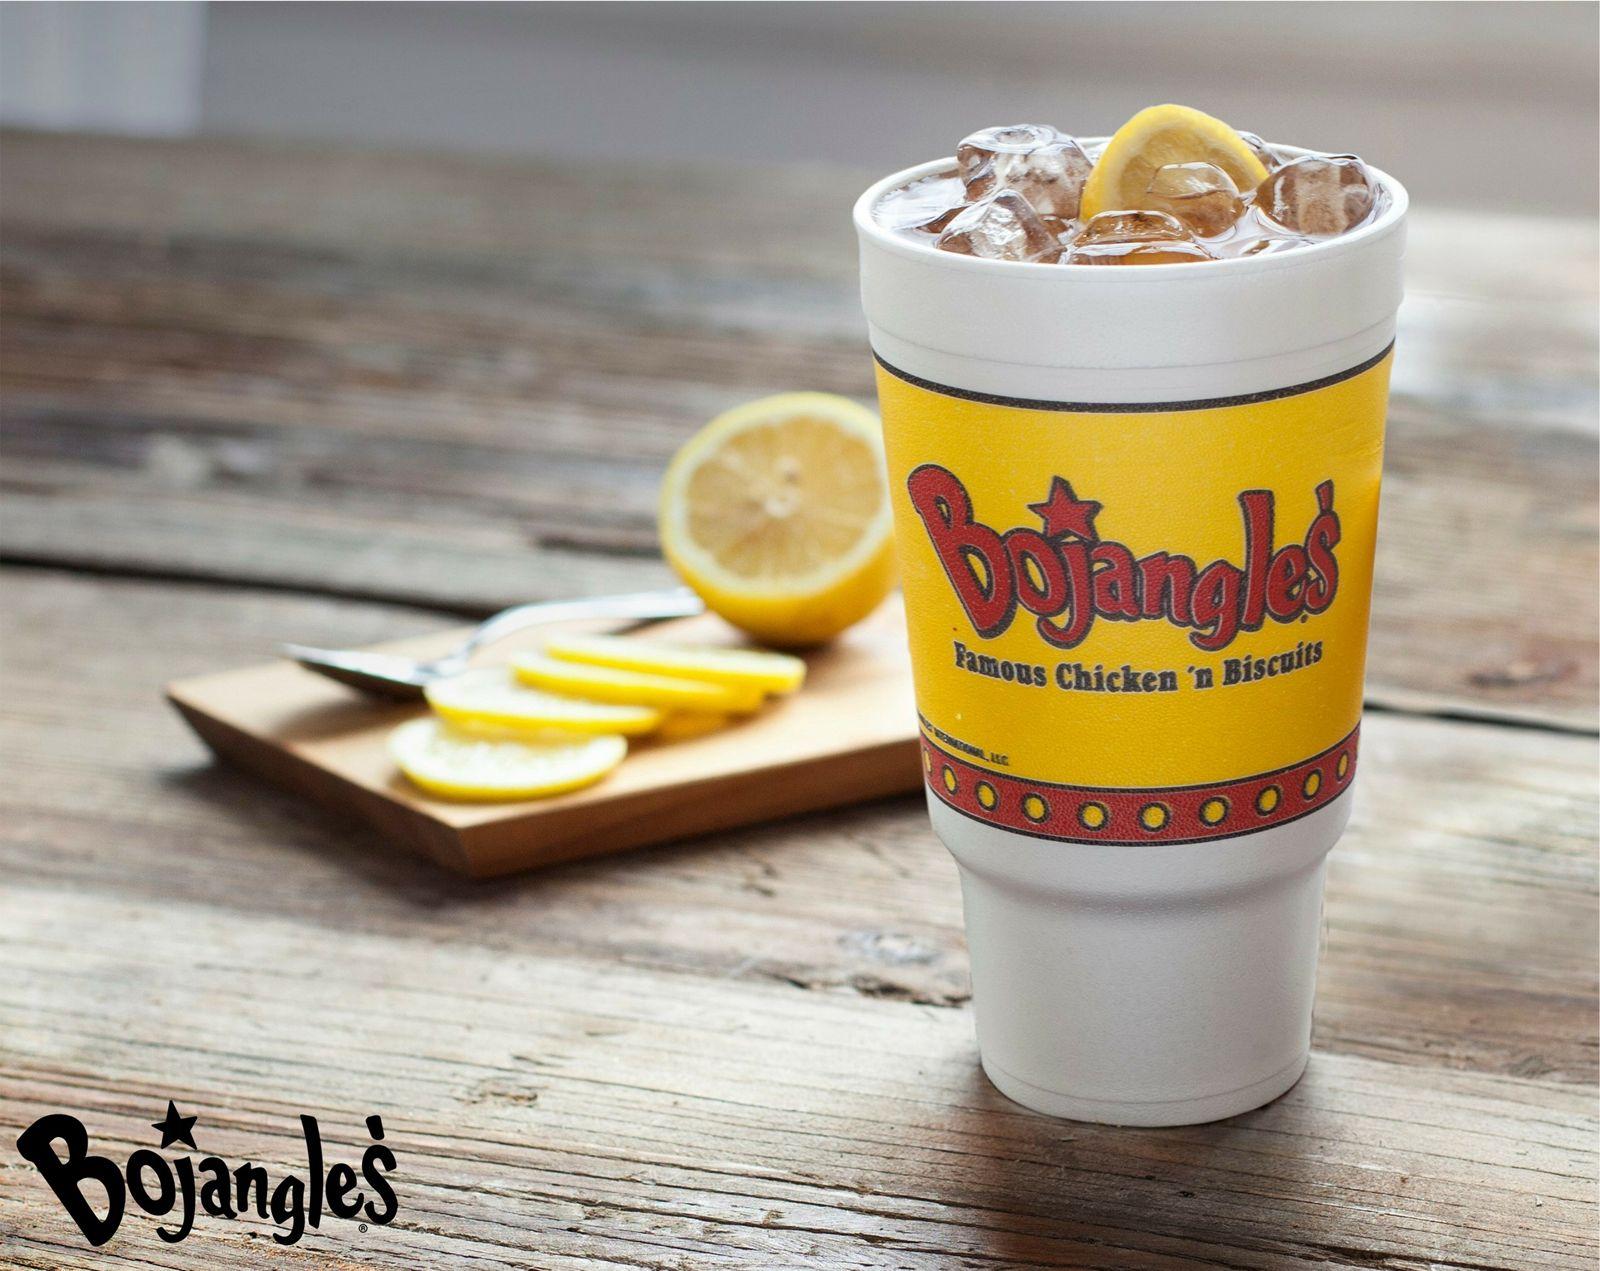 This Summer's Forecast Calls for Bojangles' Legendary Iced Tea